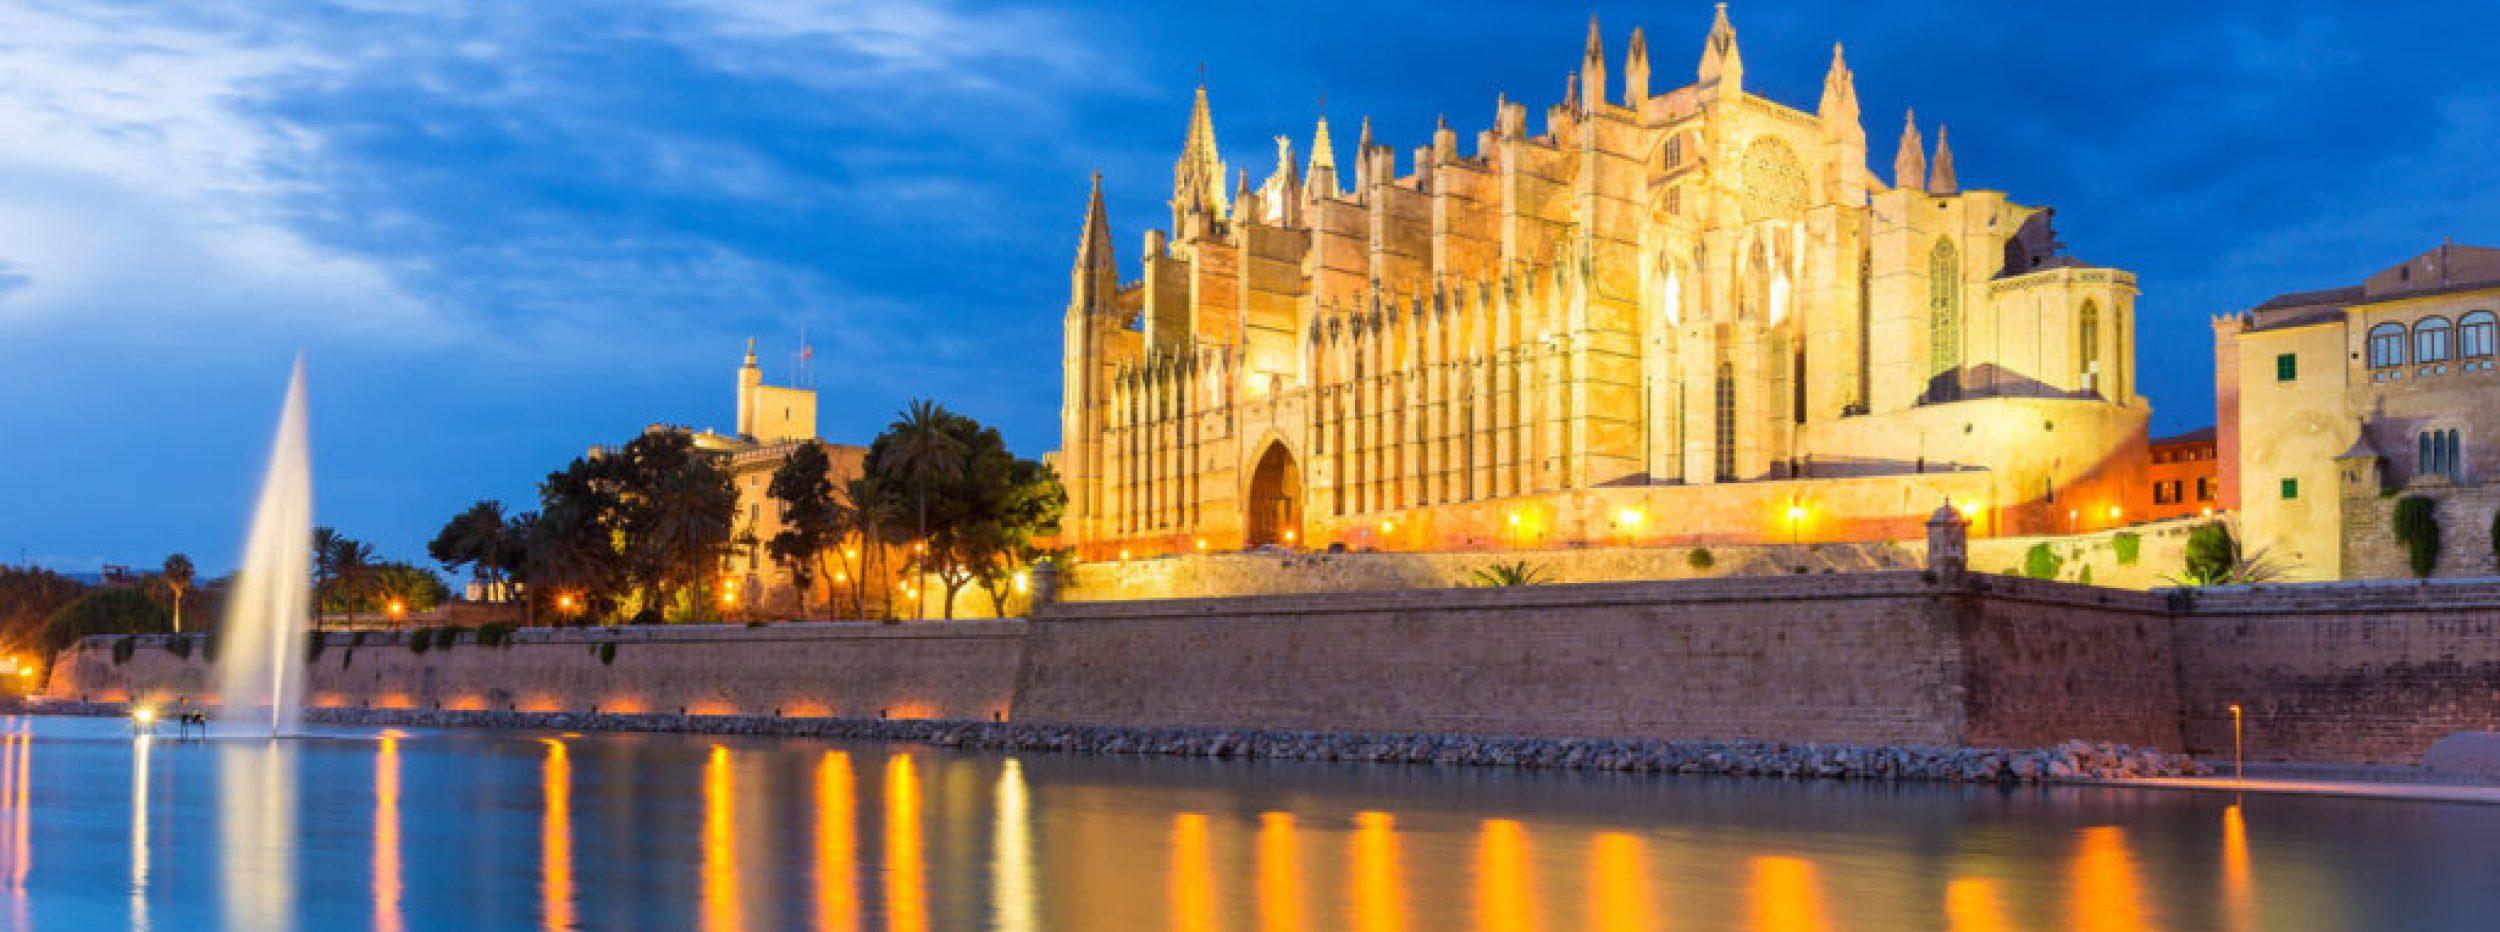 Ausflüge auf Mallorca   DIESE WEBSITE BEFINDET SICH DERZEIT IN BEARBEITUNG